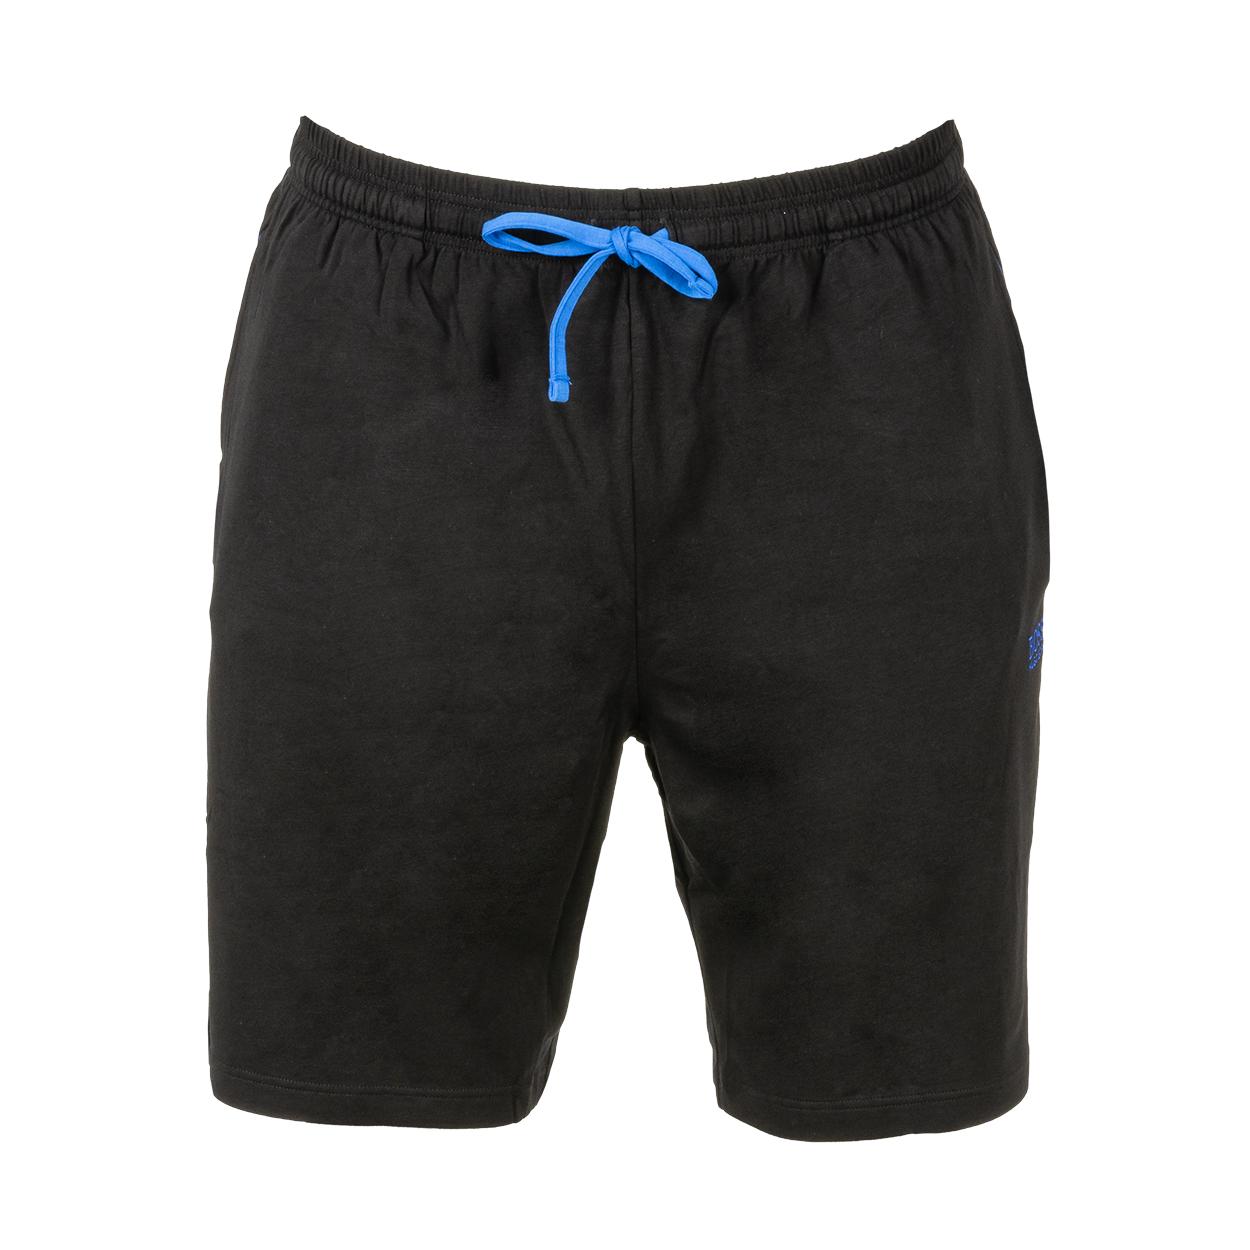 Short d\'intérieur  mix&match en coton stretch noir brodé bleu électrique